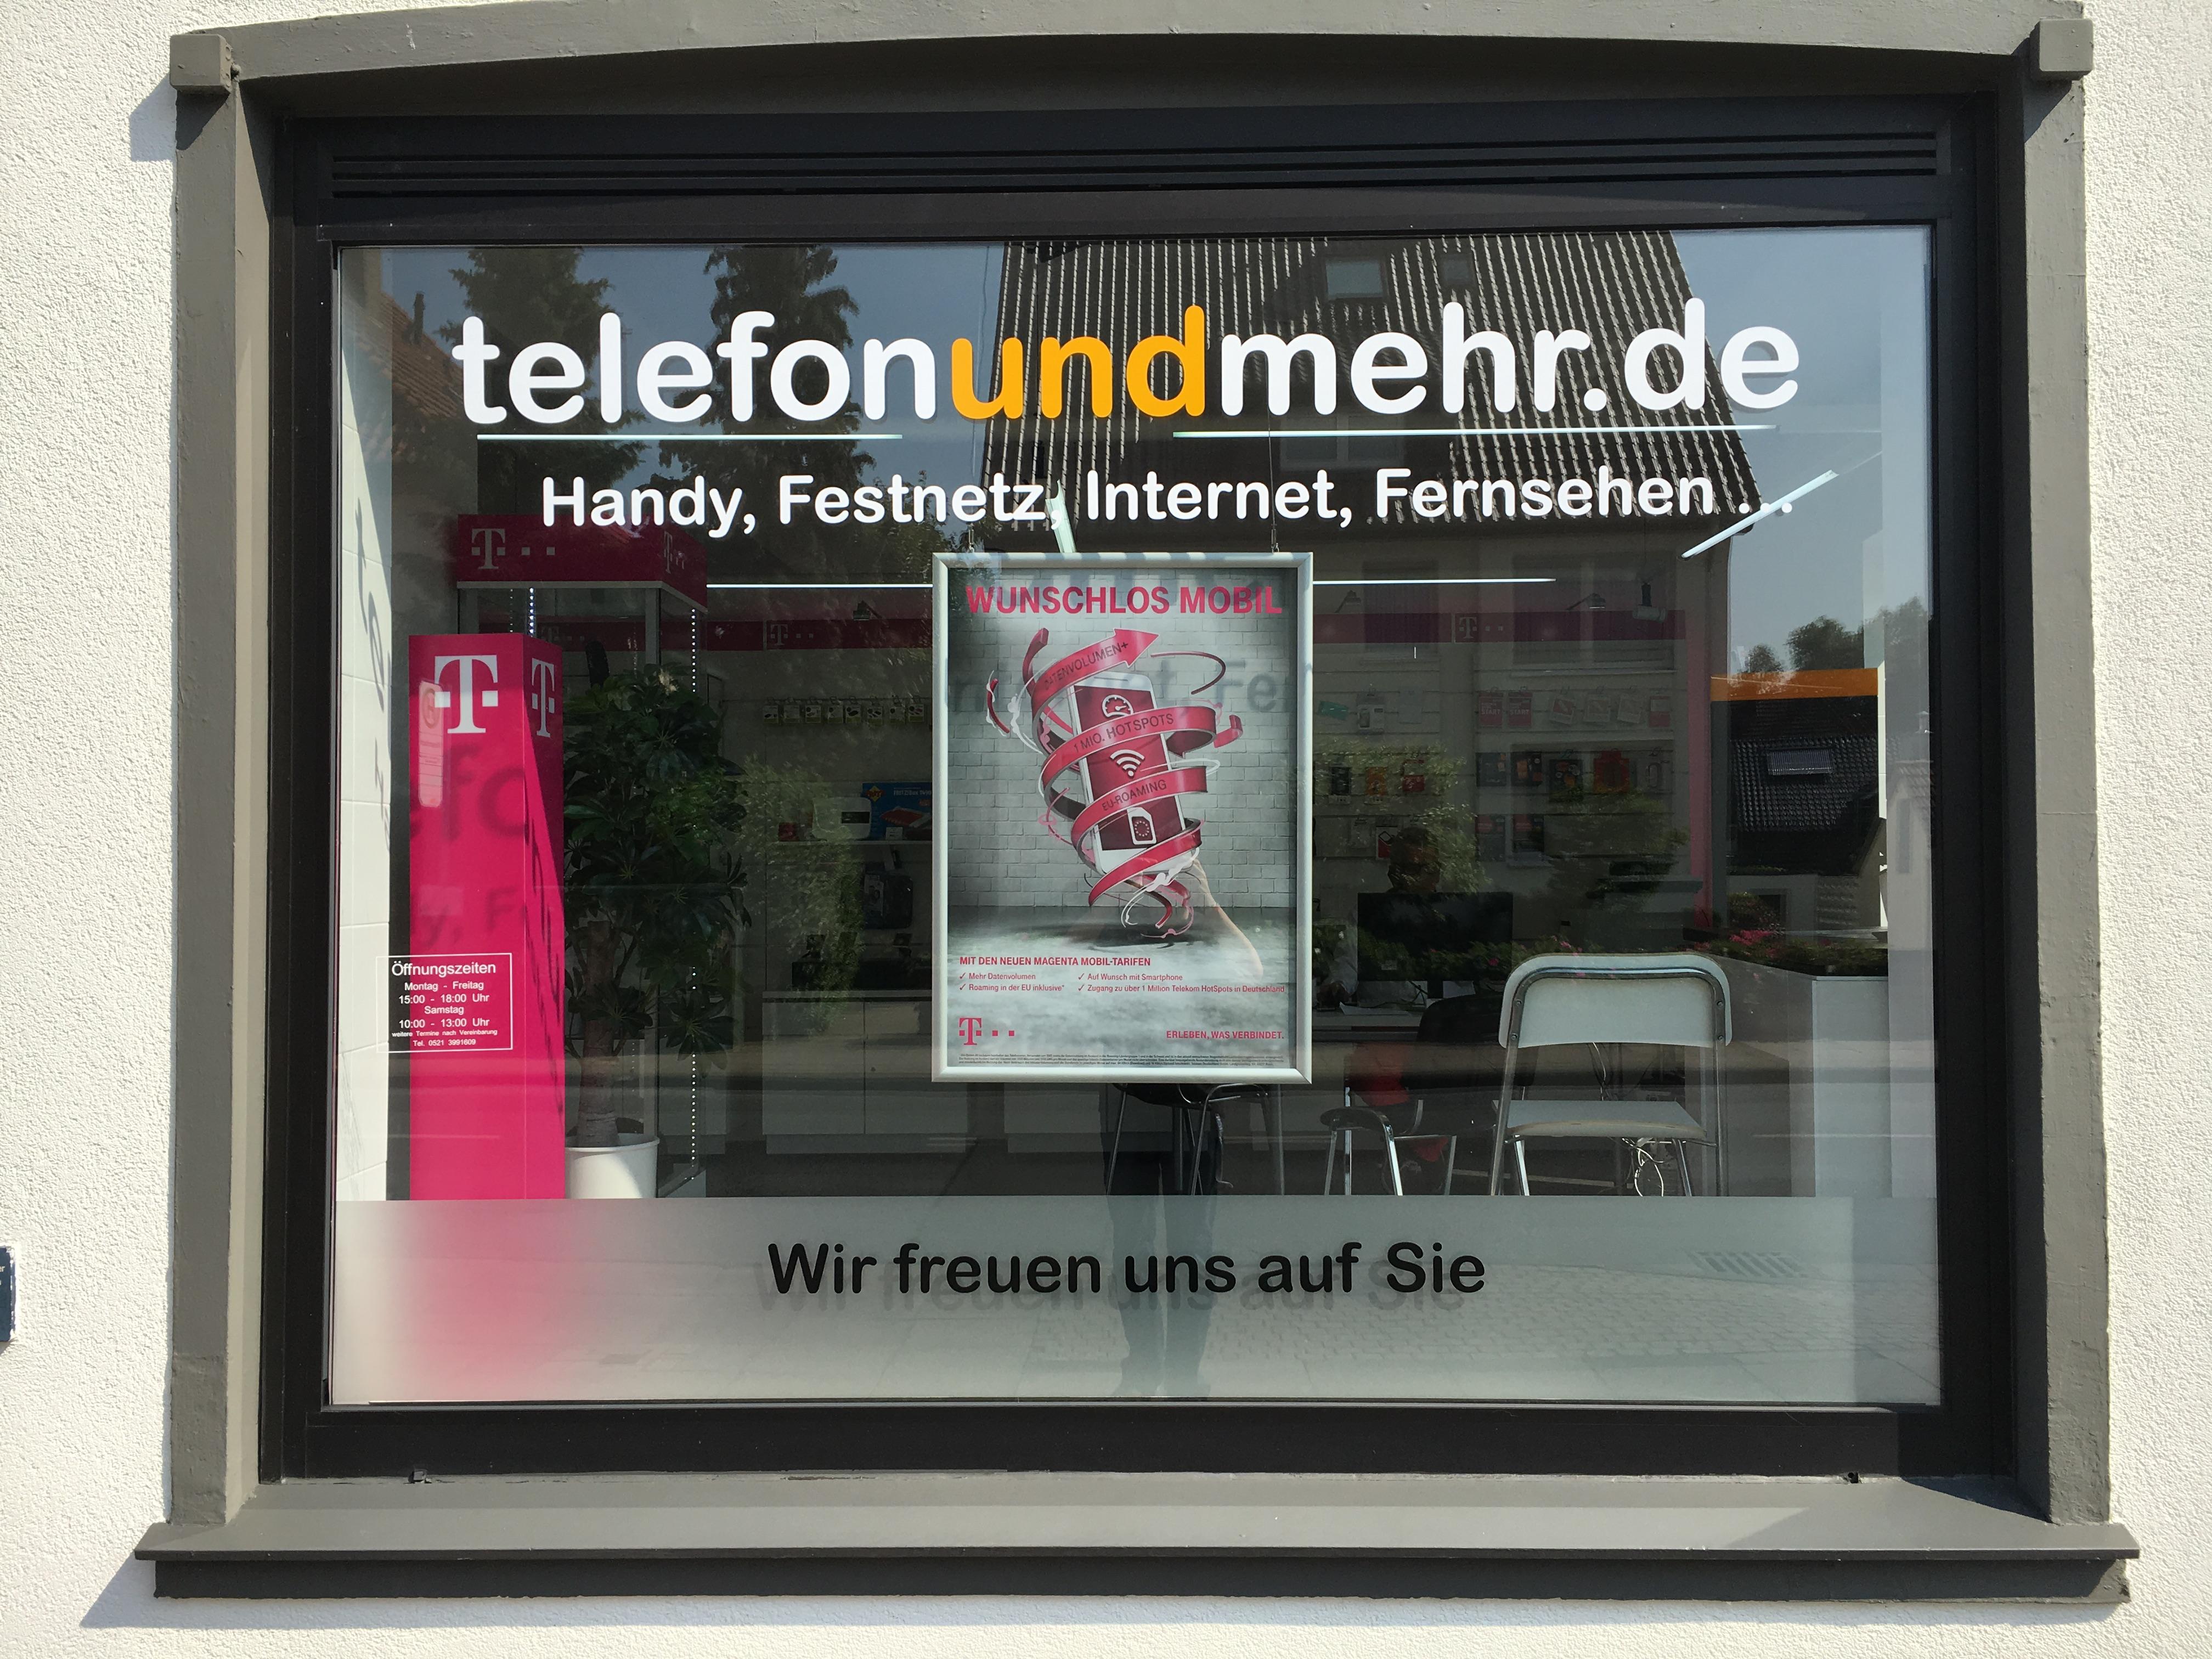 Telefon und mehr ... GmbH